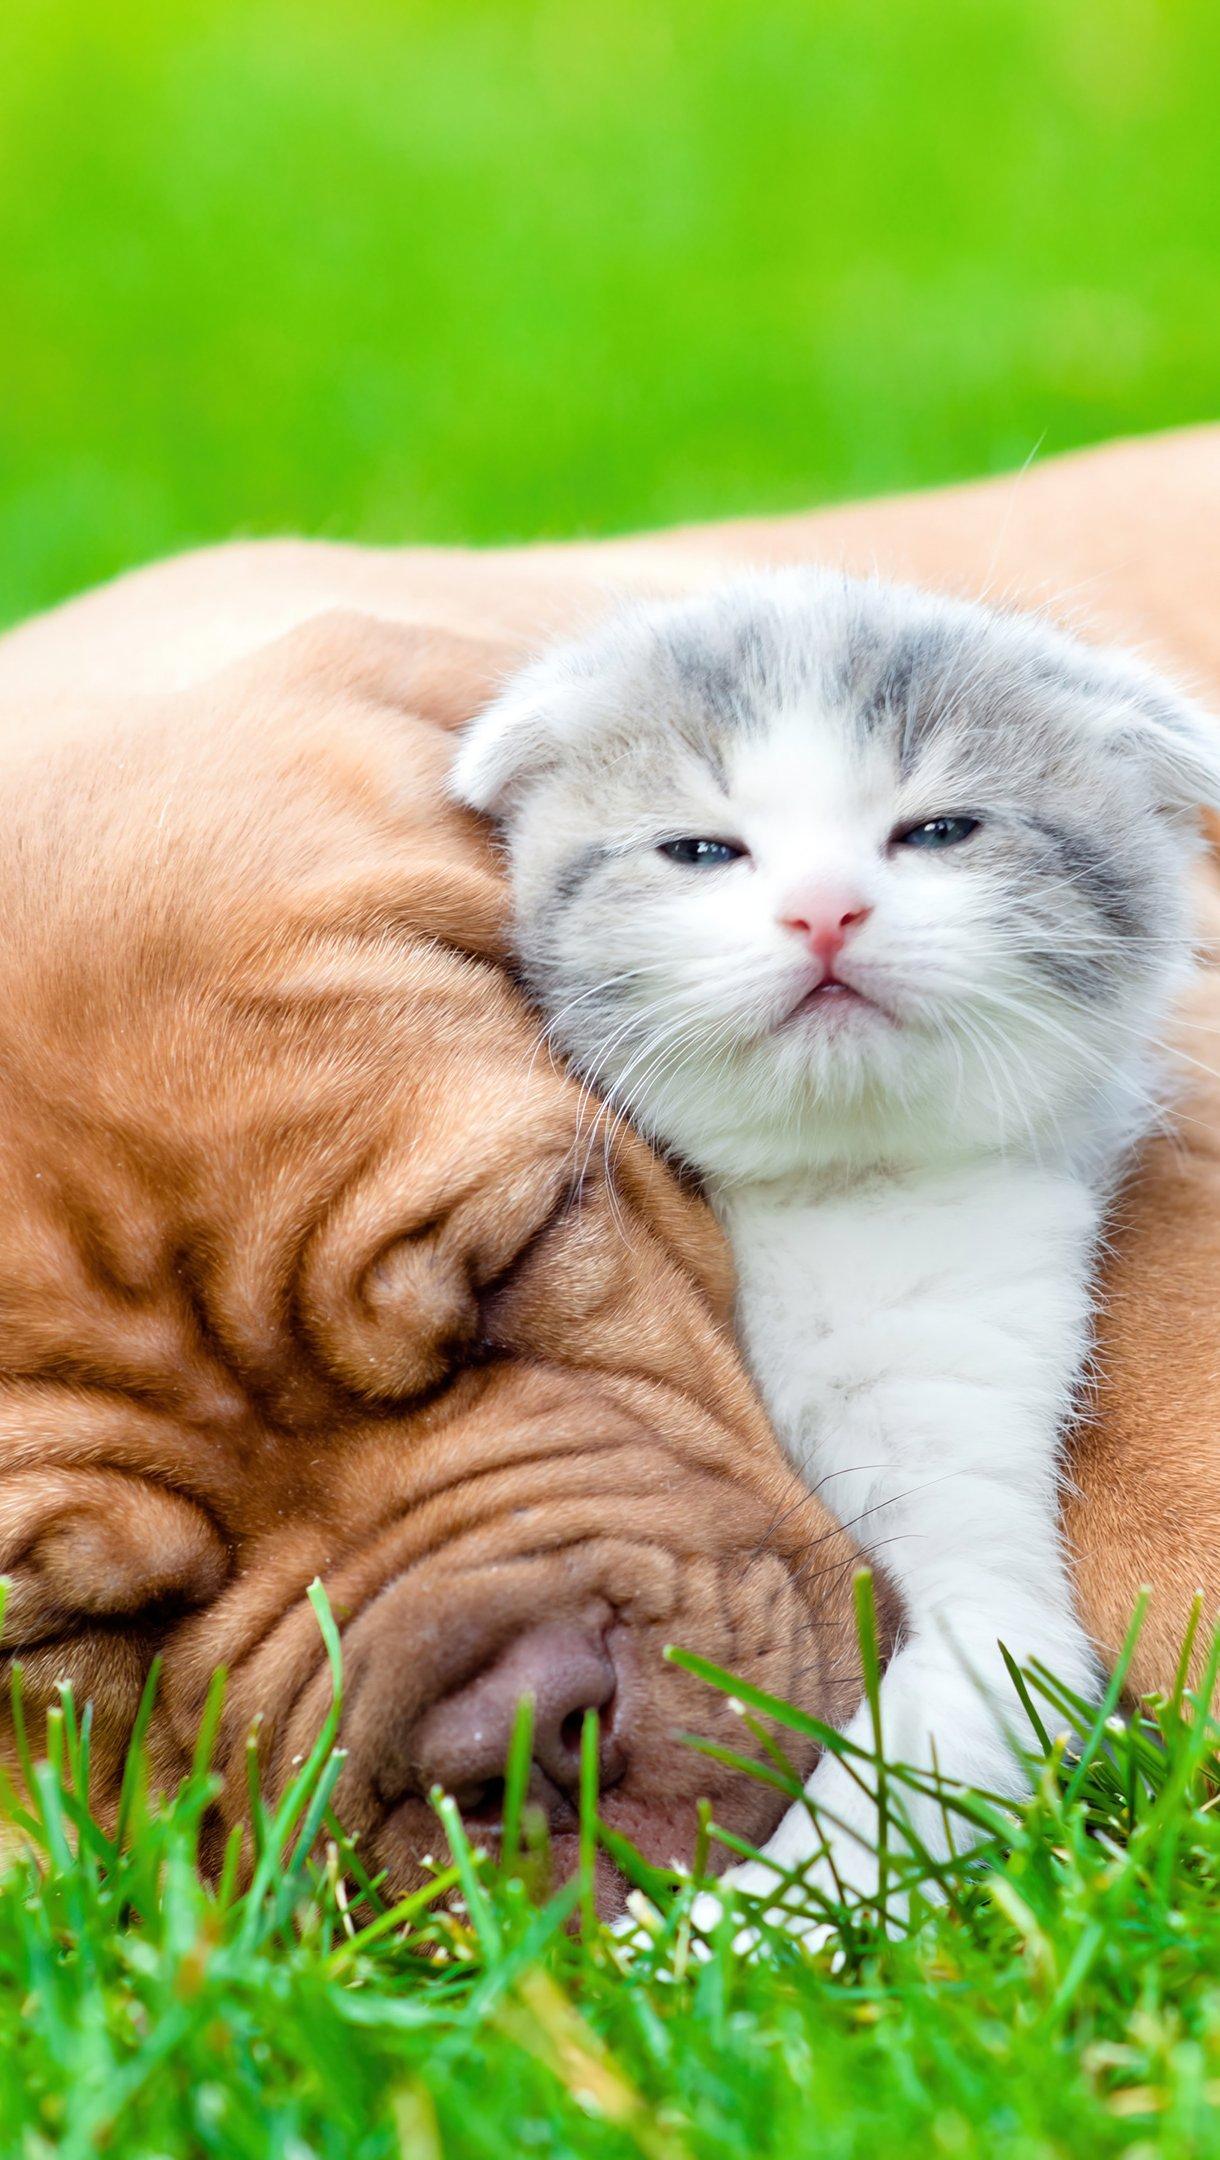 Fondos de pantalla Bulldog y gato Vertical